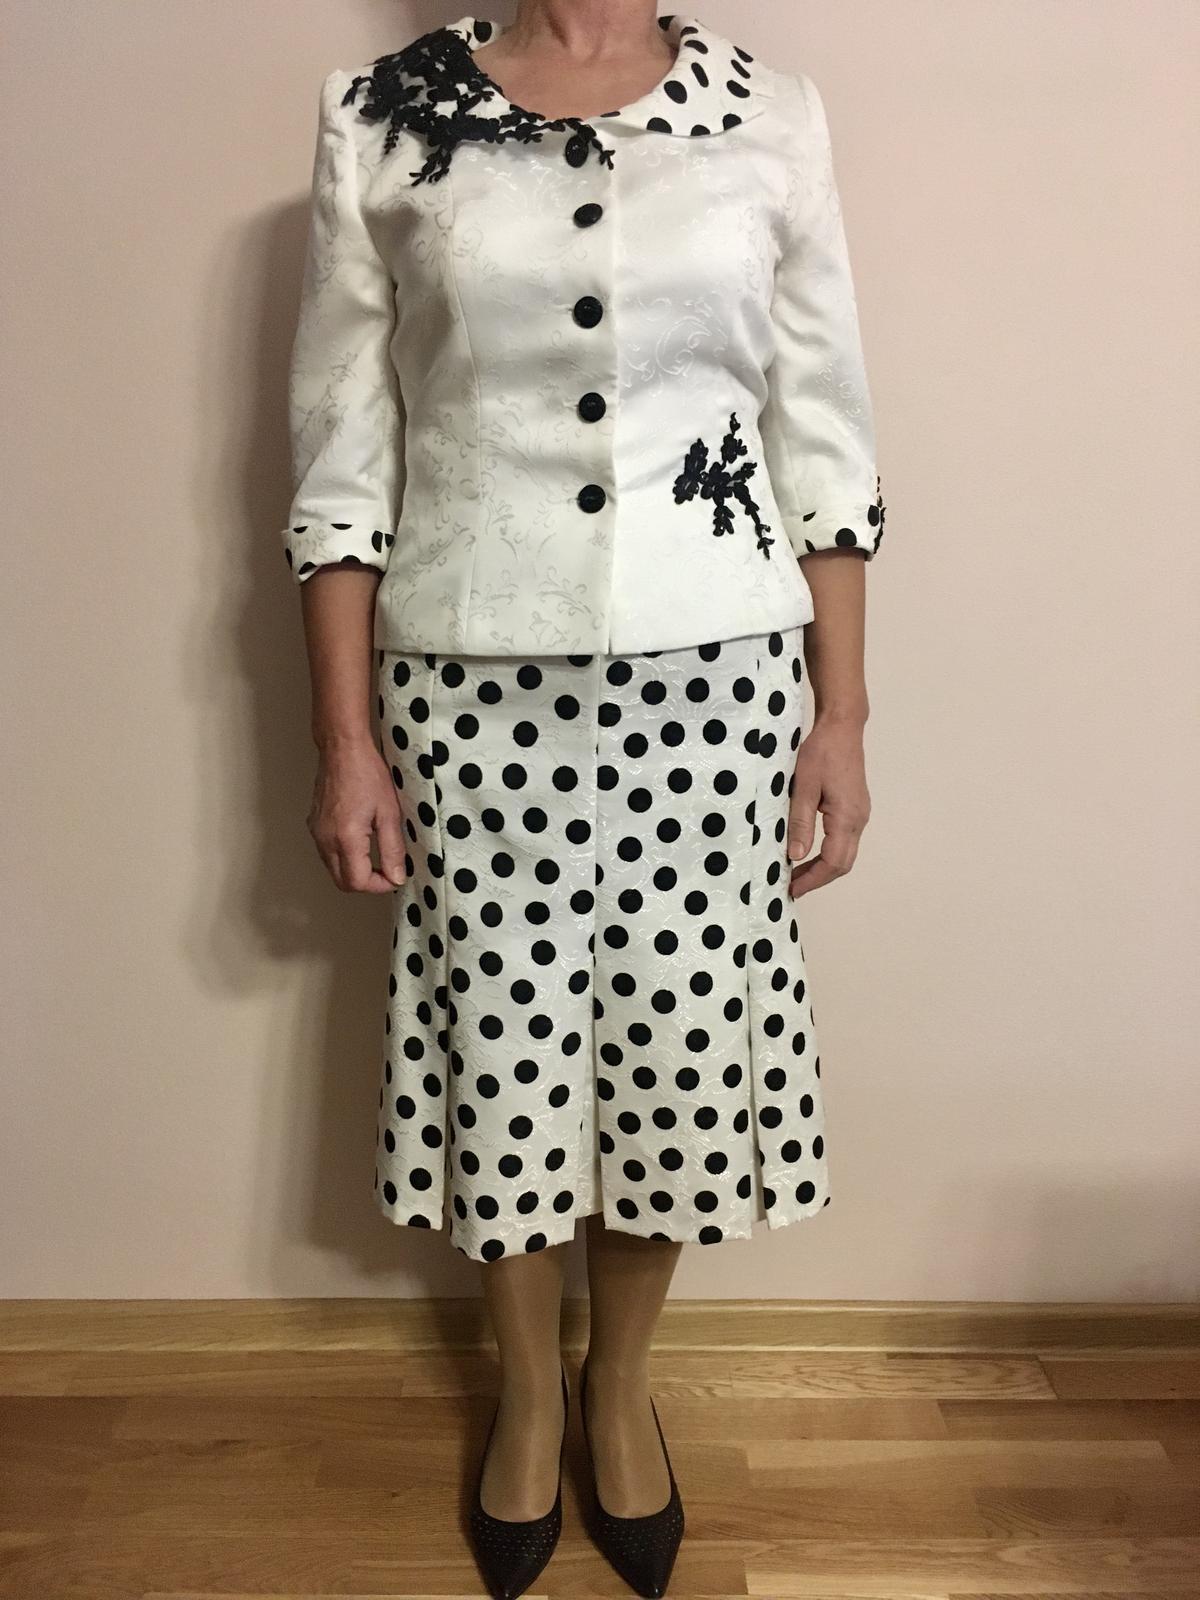 Kostým biely s čiernymi bodkami a čipkami - Obrázok č. 1